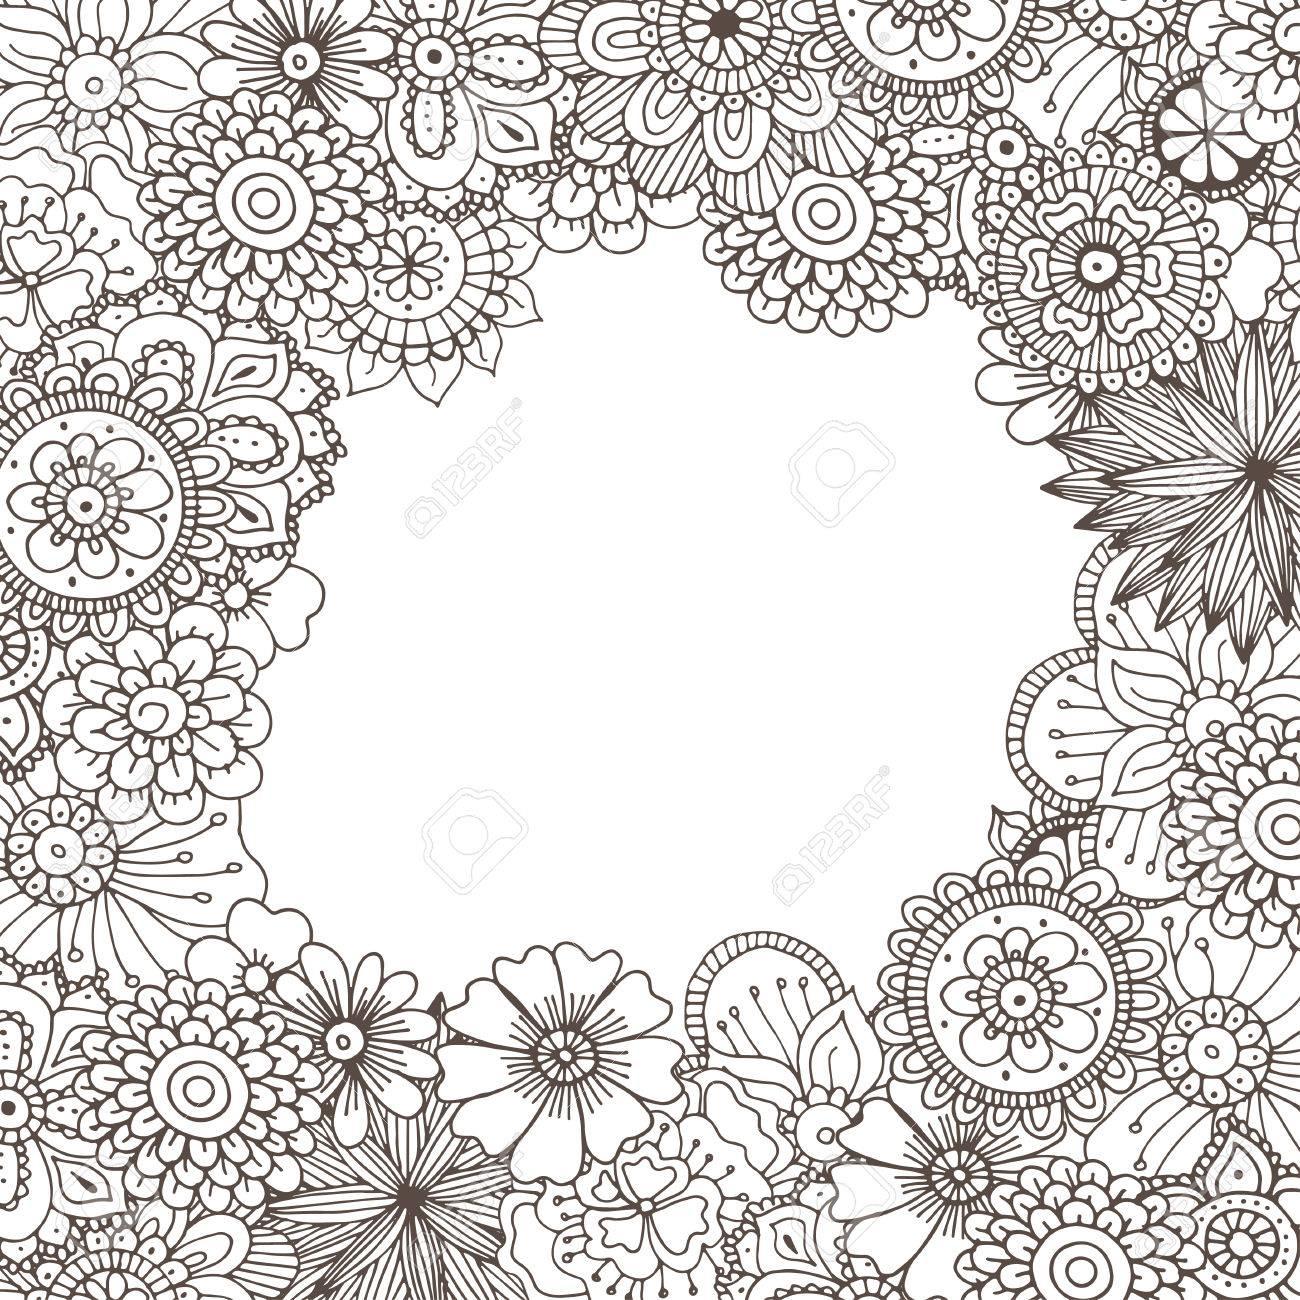 Dibujado A Mano Ilustración Del Doodle Del Zentangle De Libros Para Colorear Para Adultos En El Vector Garabatos Florales De Encaje únicos Para Su